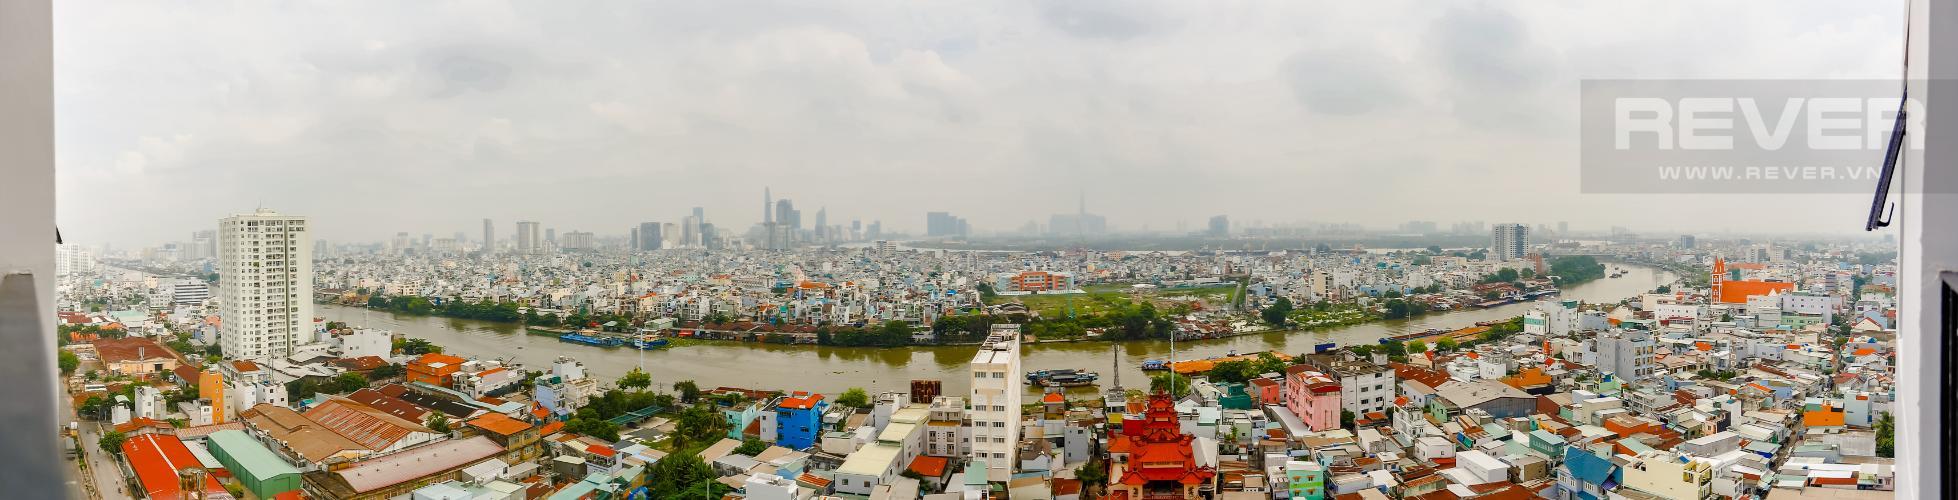 View Căn hộ M-One Nam Sài Gòn 2 phòng ngủ tầng trung T1 view sông